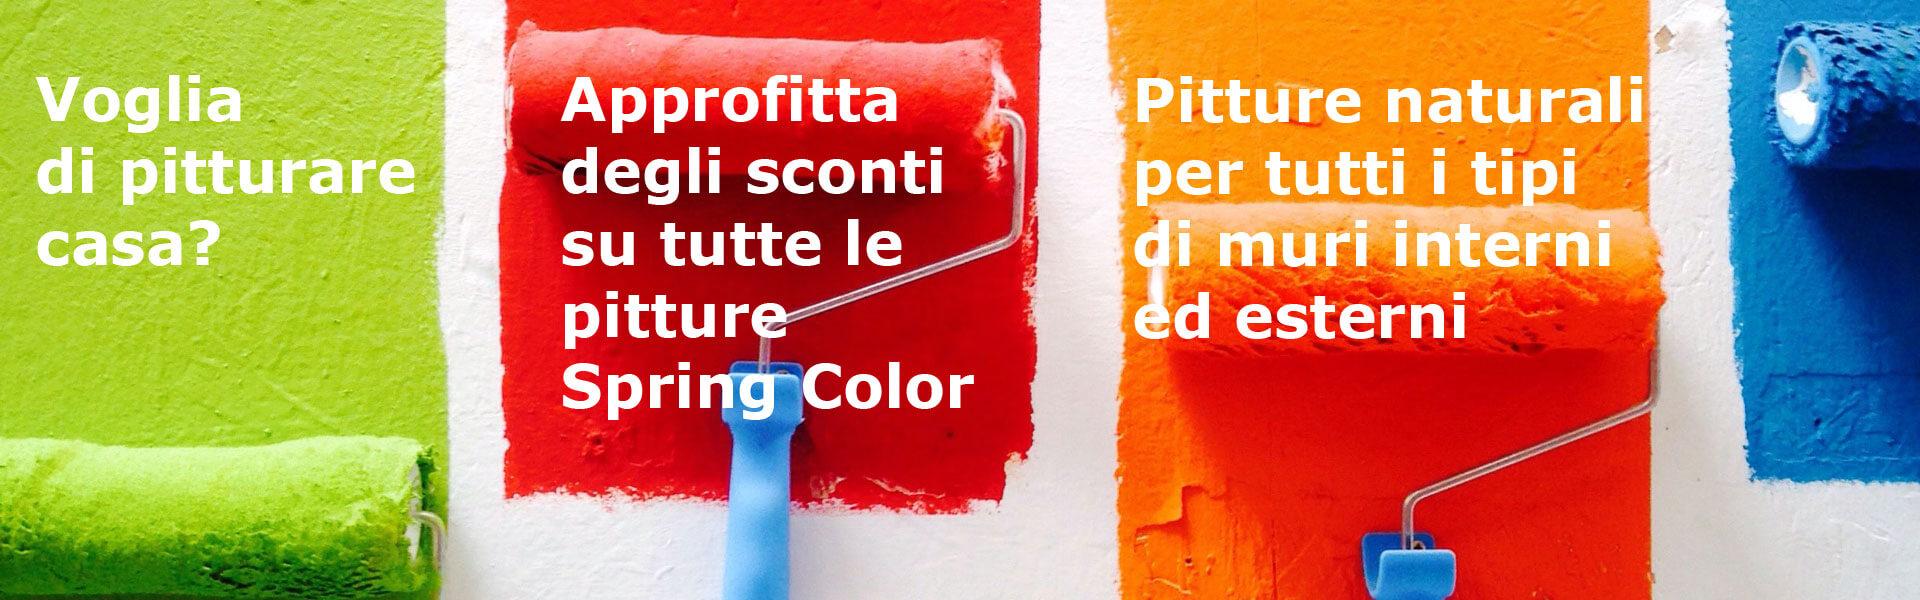 Approfitta degli sconti su tutte le pitture Spring Color